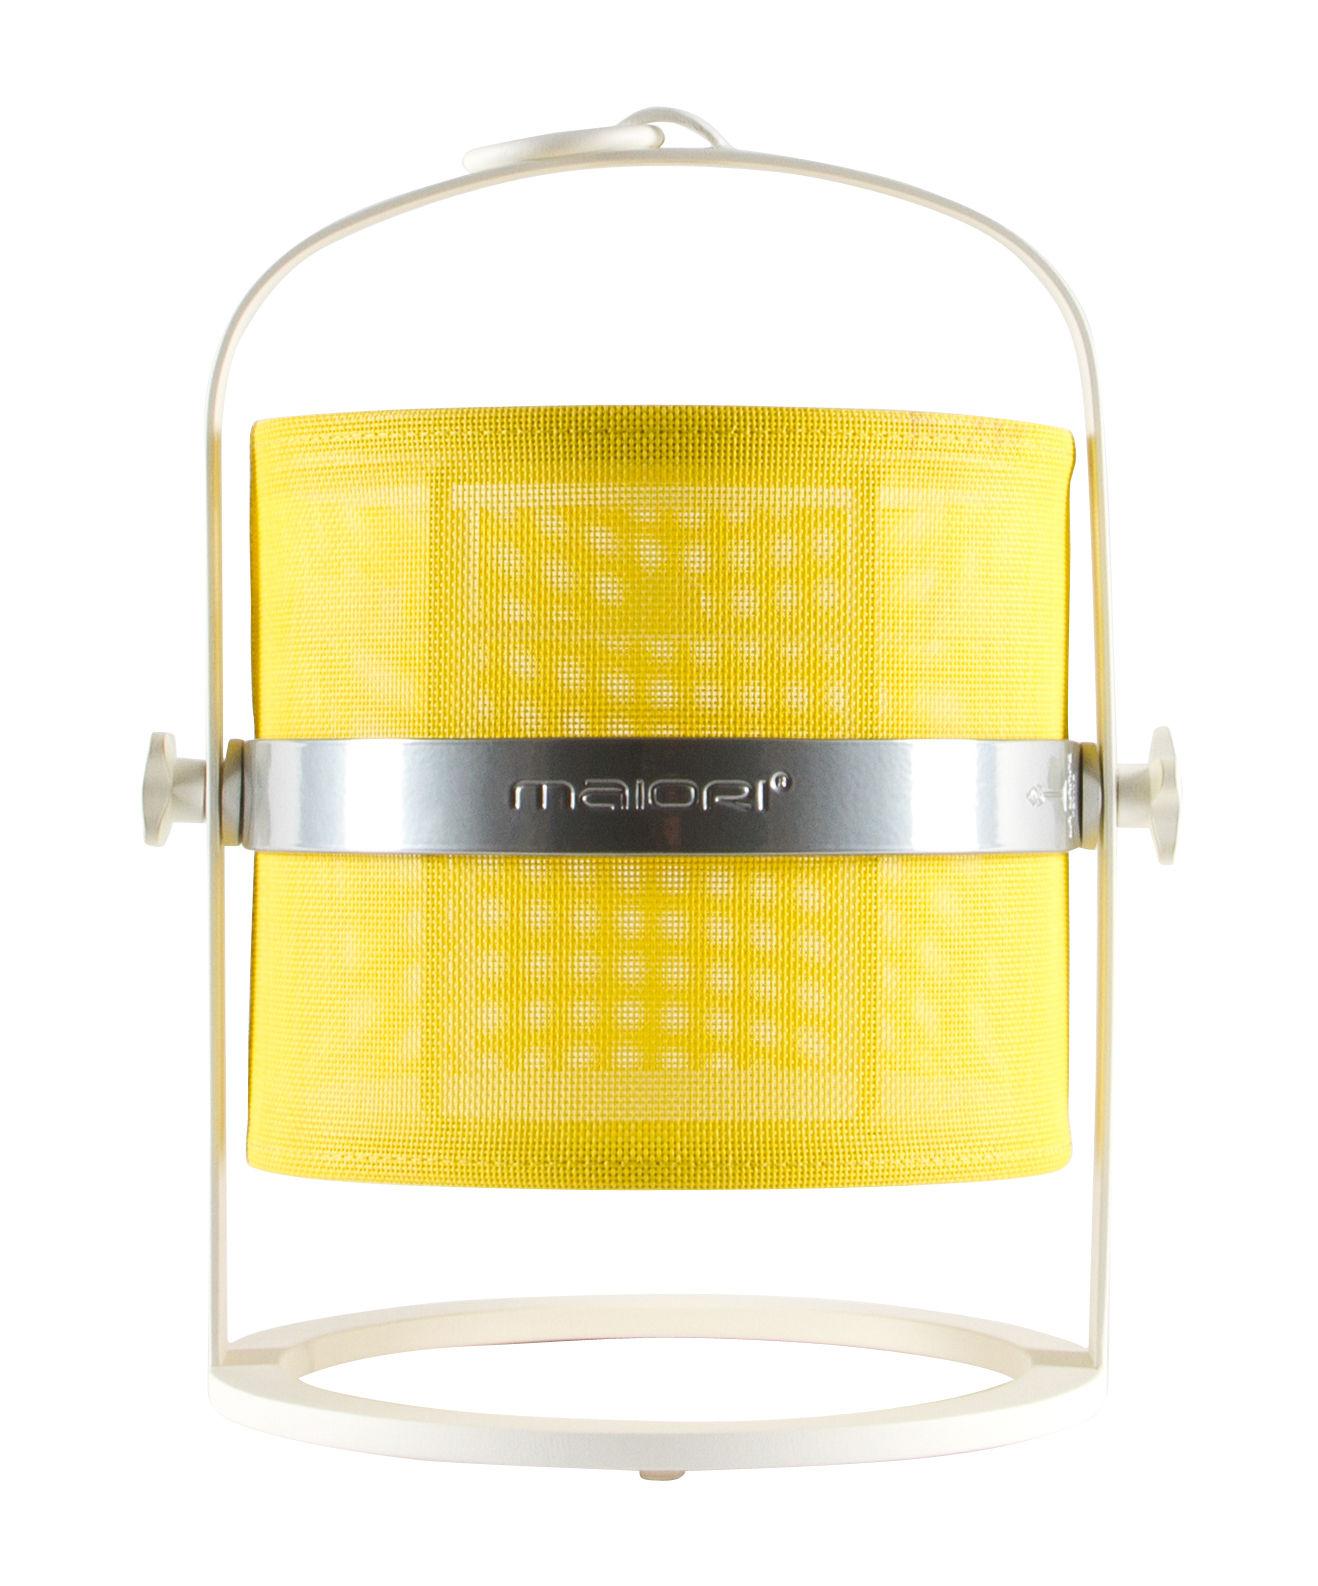 lampe solaire la lampe petite led sans fil structure blanche citron structure blanche. Black Bedroom Furniture Sets. Home Design Ideas